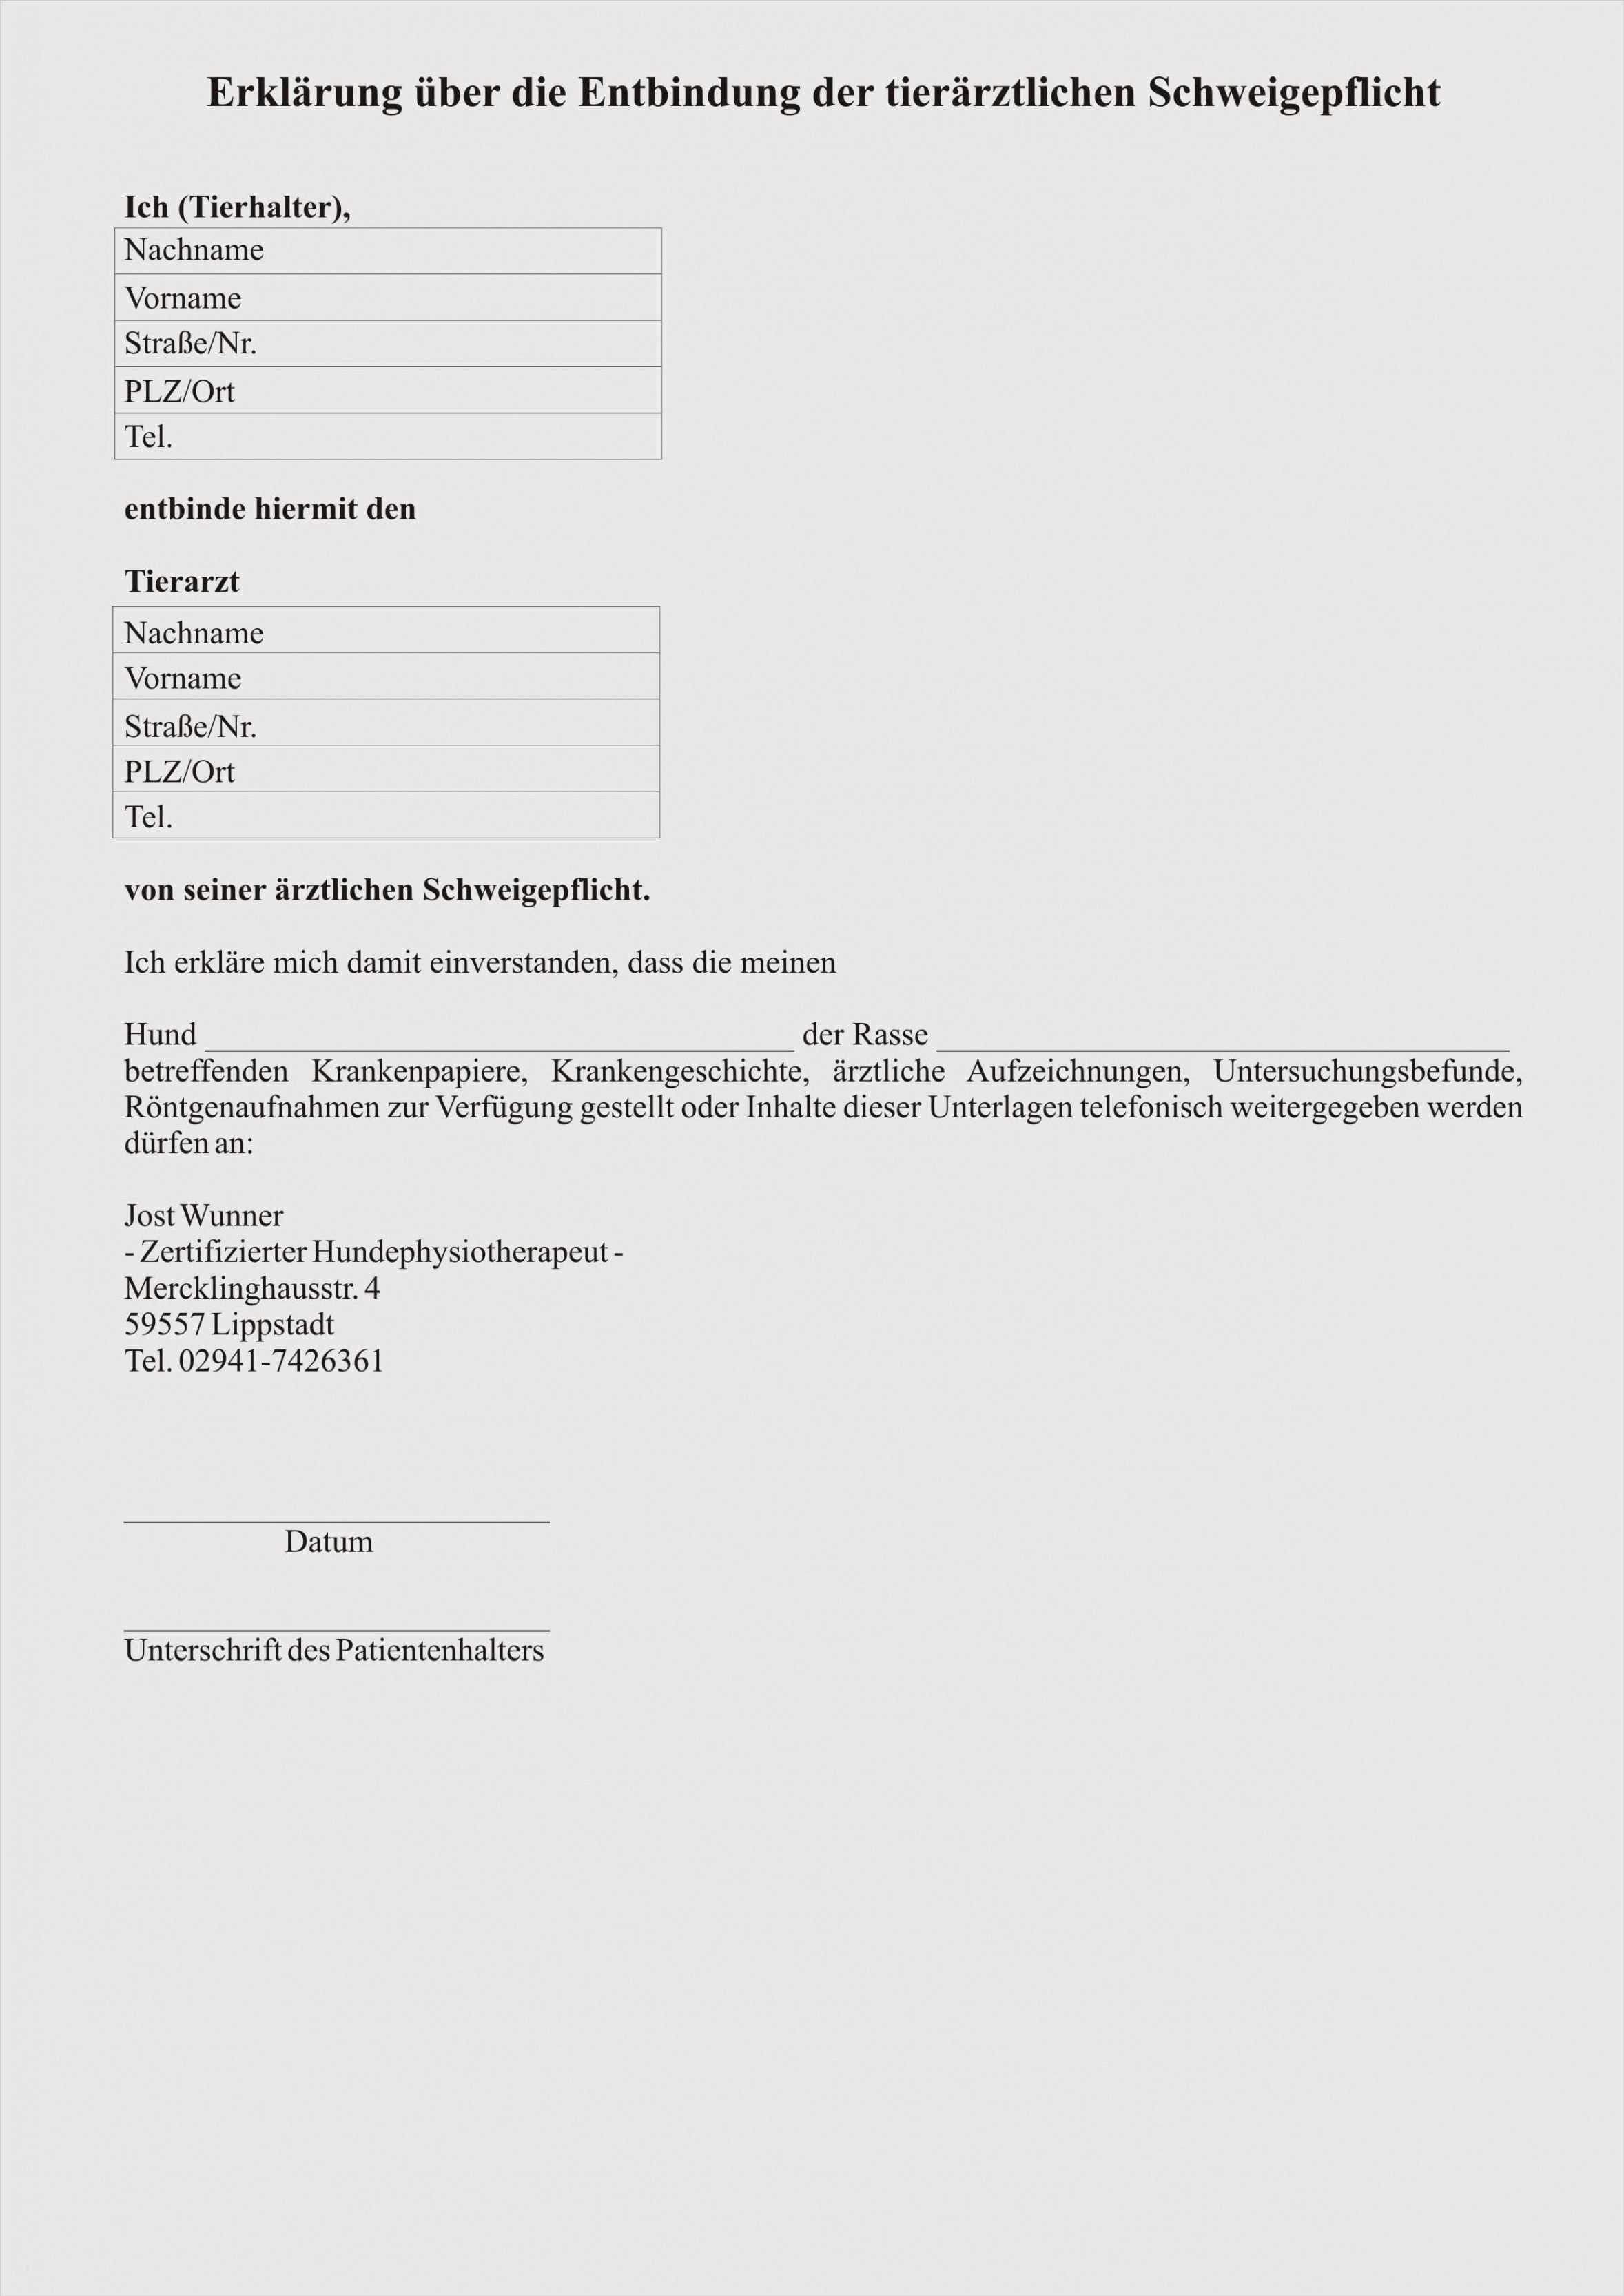 Blattern Unsere Druckbar Von Tierarzt Rechnung Vorlage Rechnung Vorlage Tierarzt Rechnungsvorlage